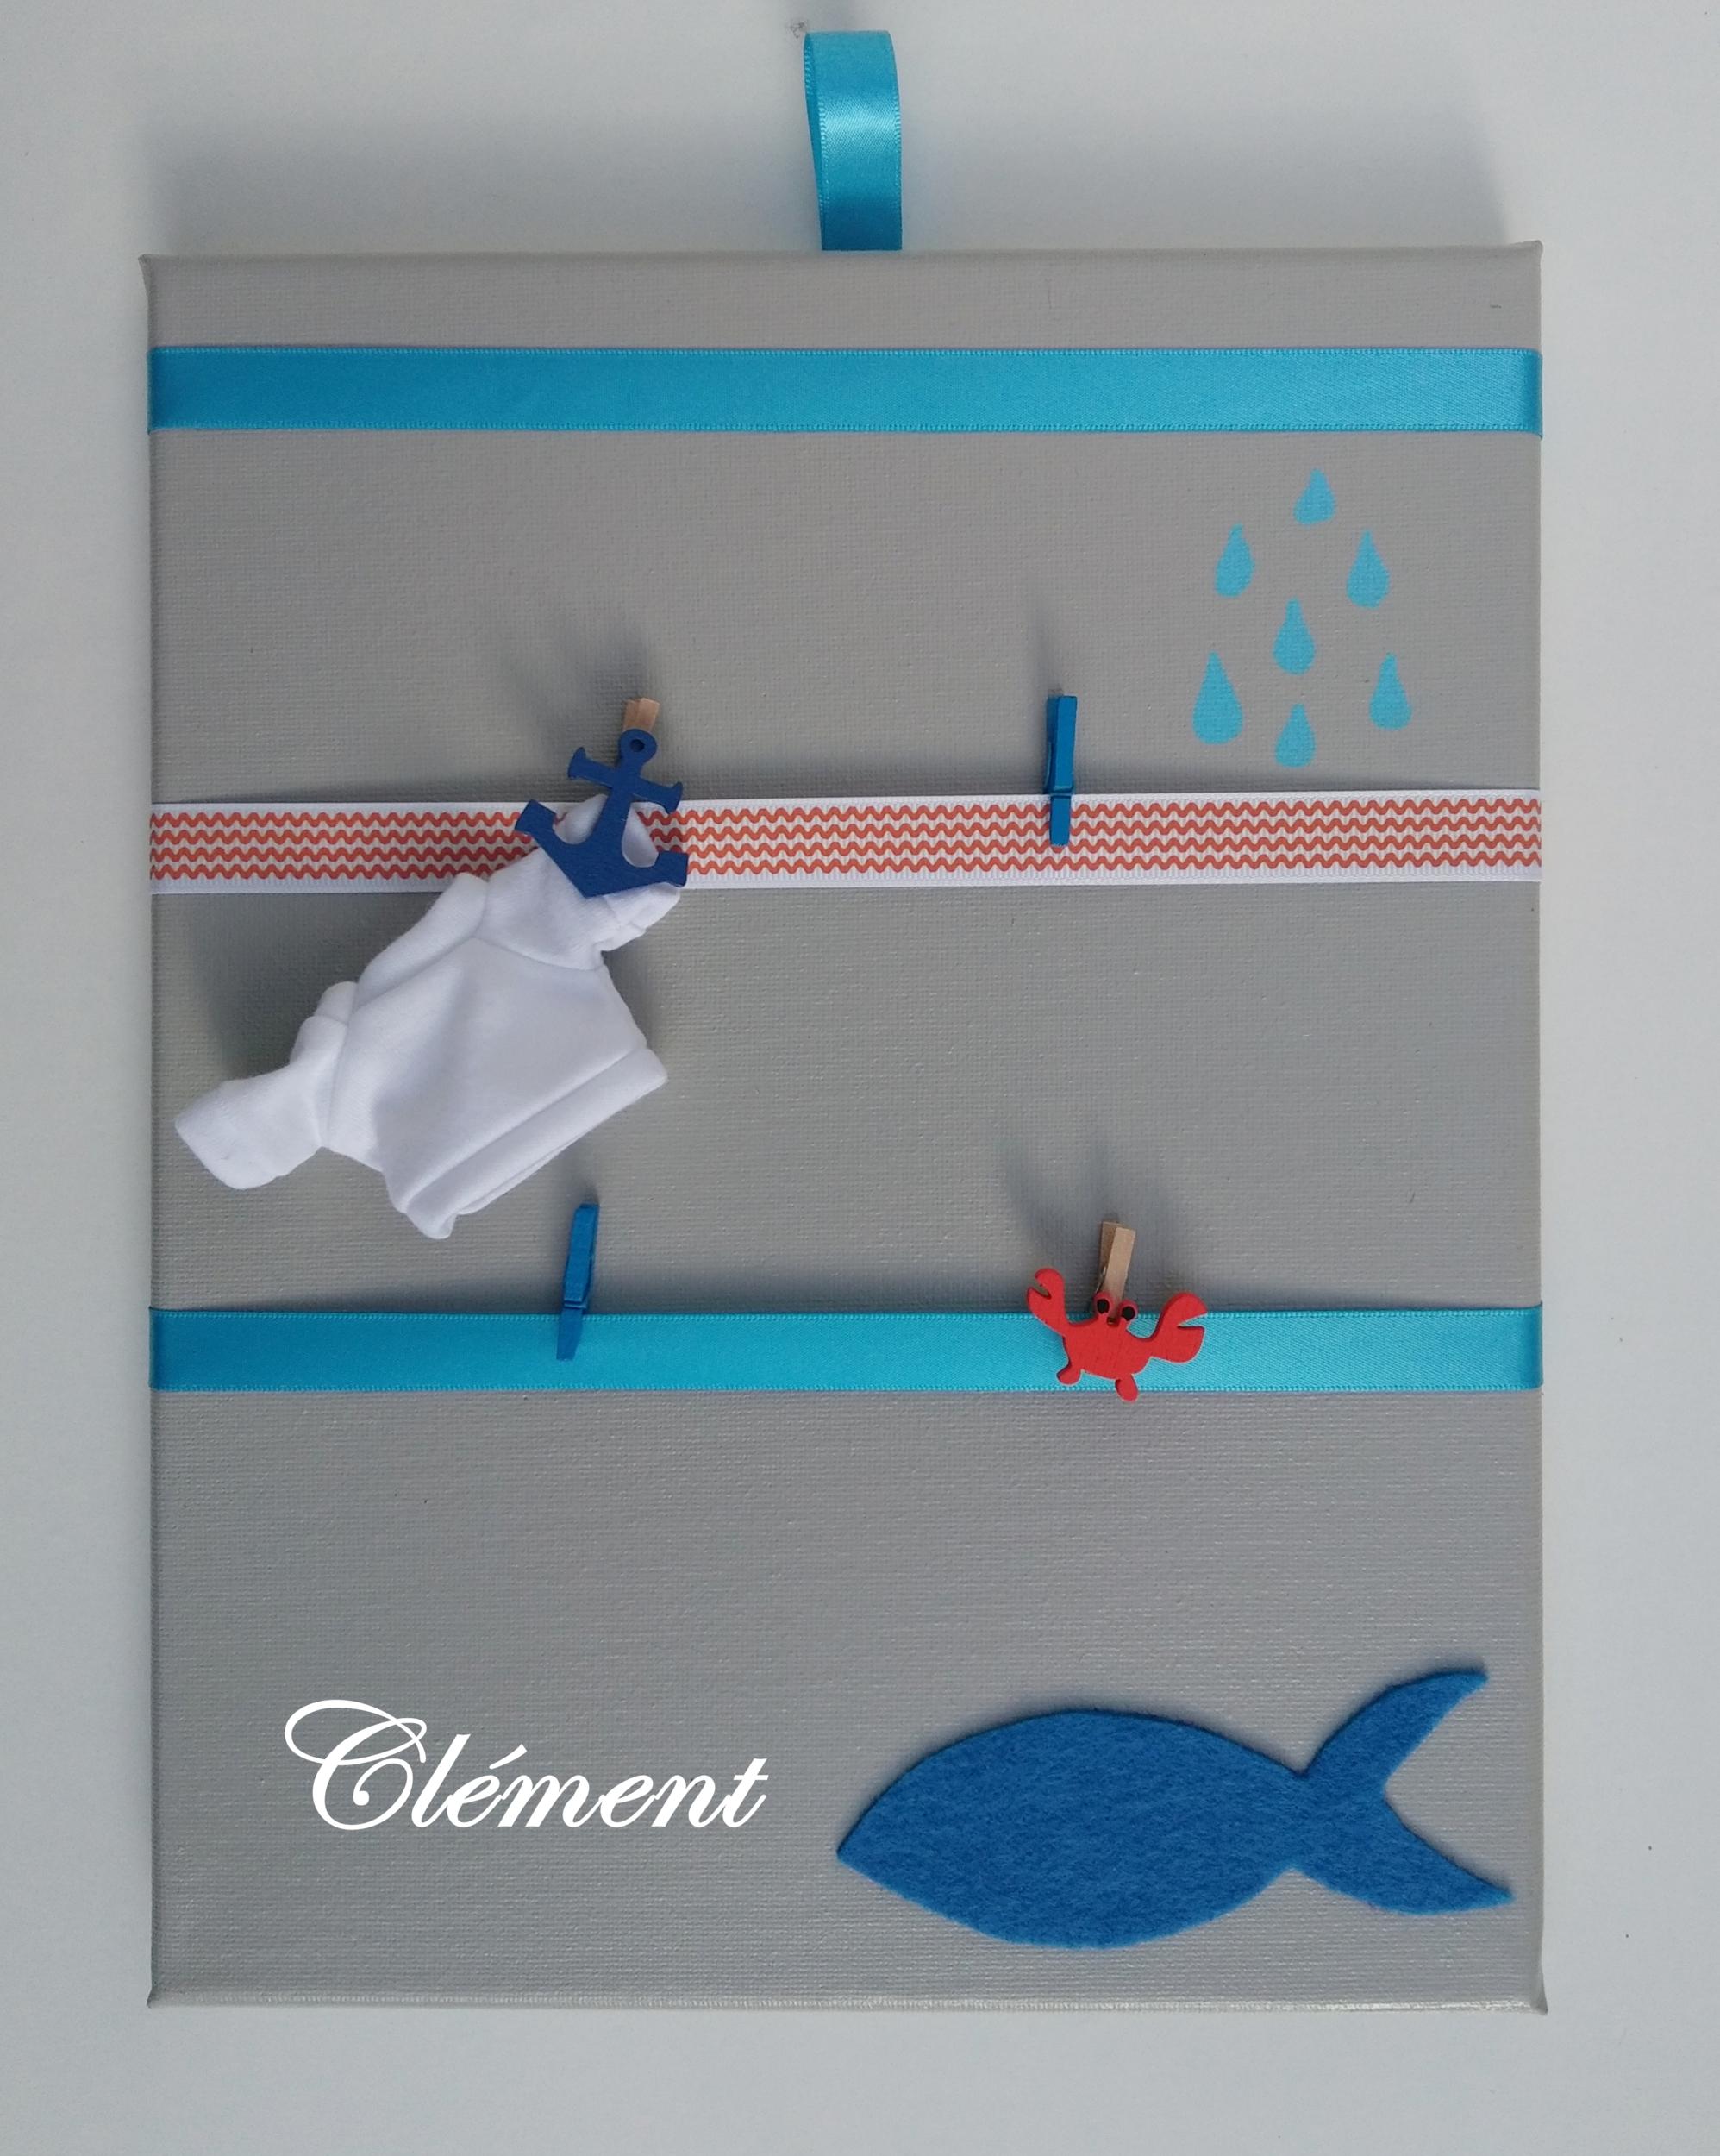 pele mele enfant bébé gris turquoise mer marin prénom décoration